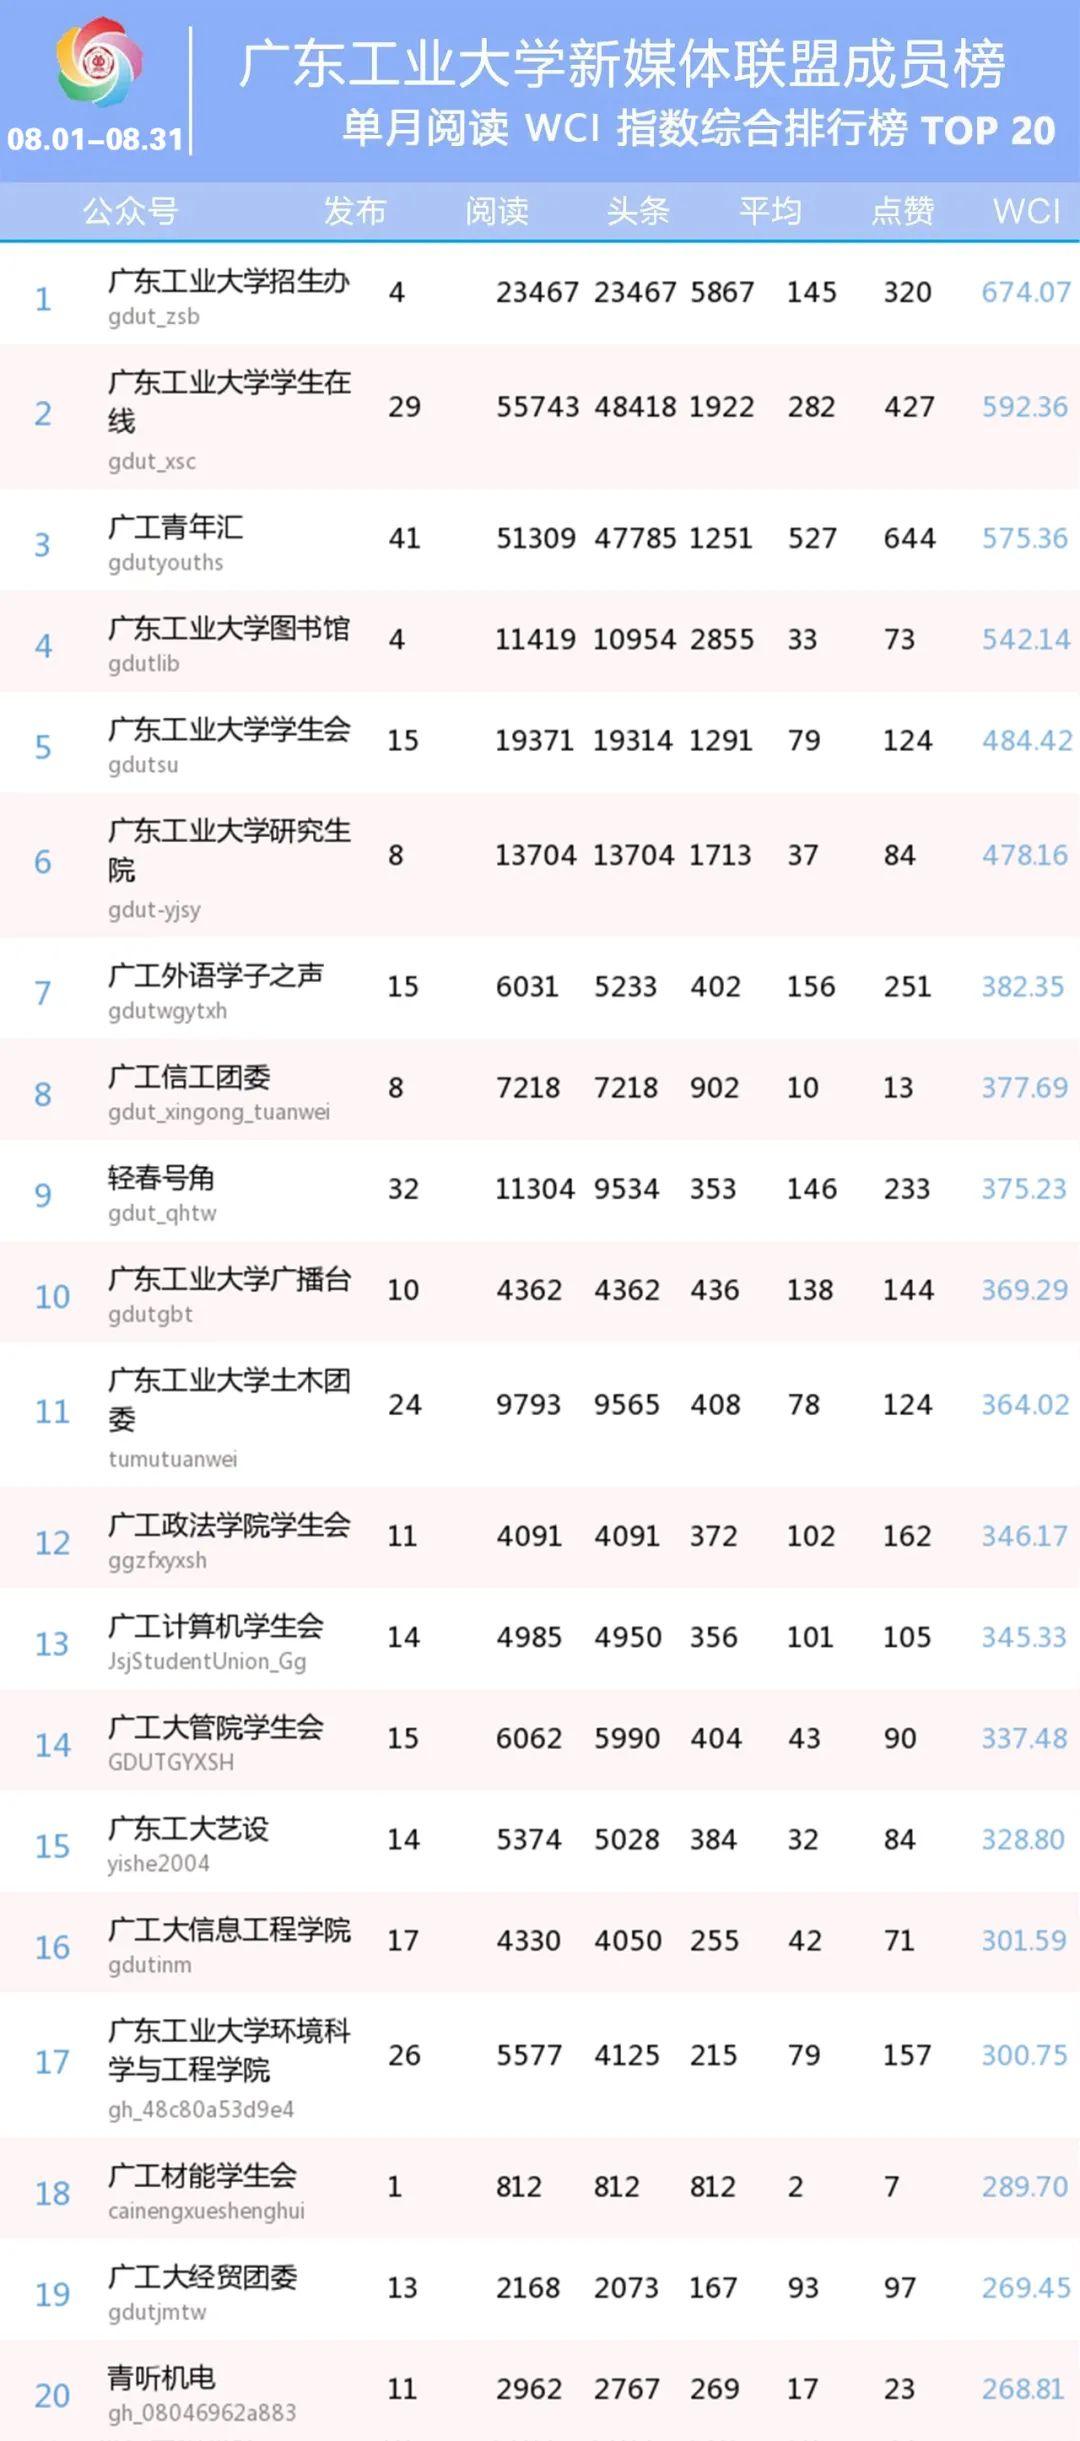 广工月榜 | 广东工业大学新媒体联盟成员微信排行榜【08.01-08.31】图片